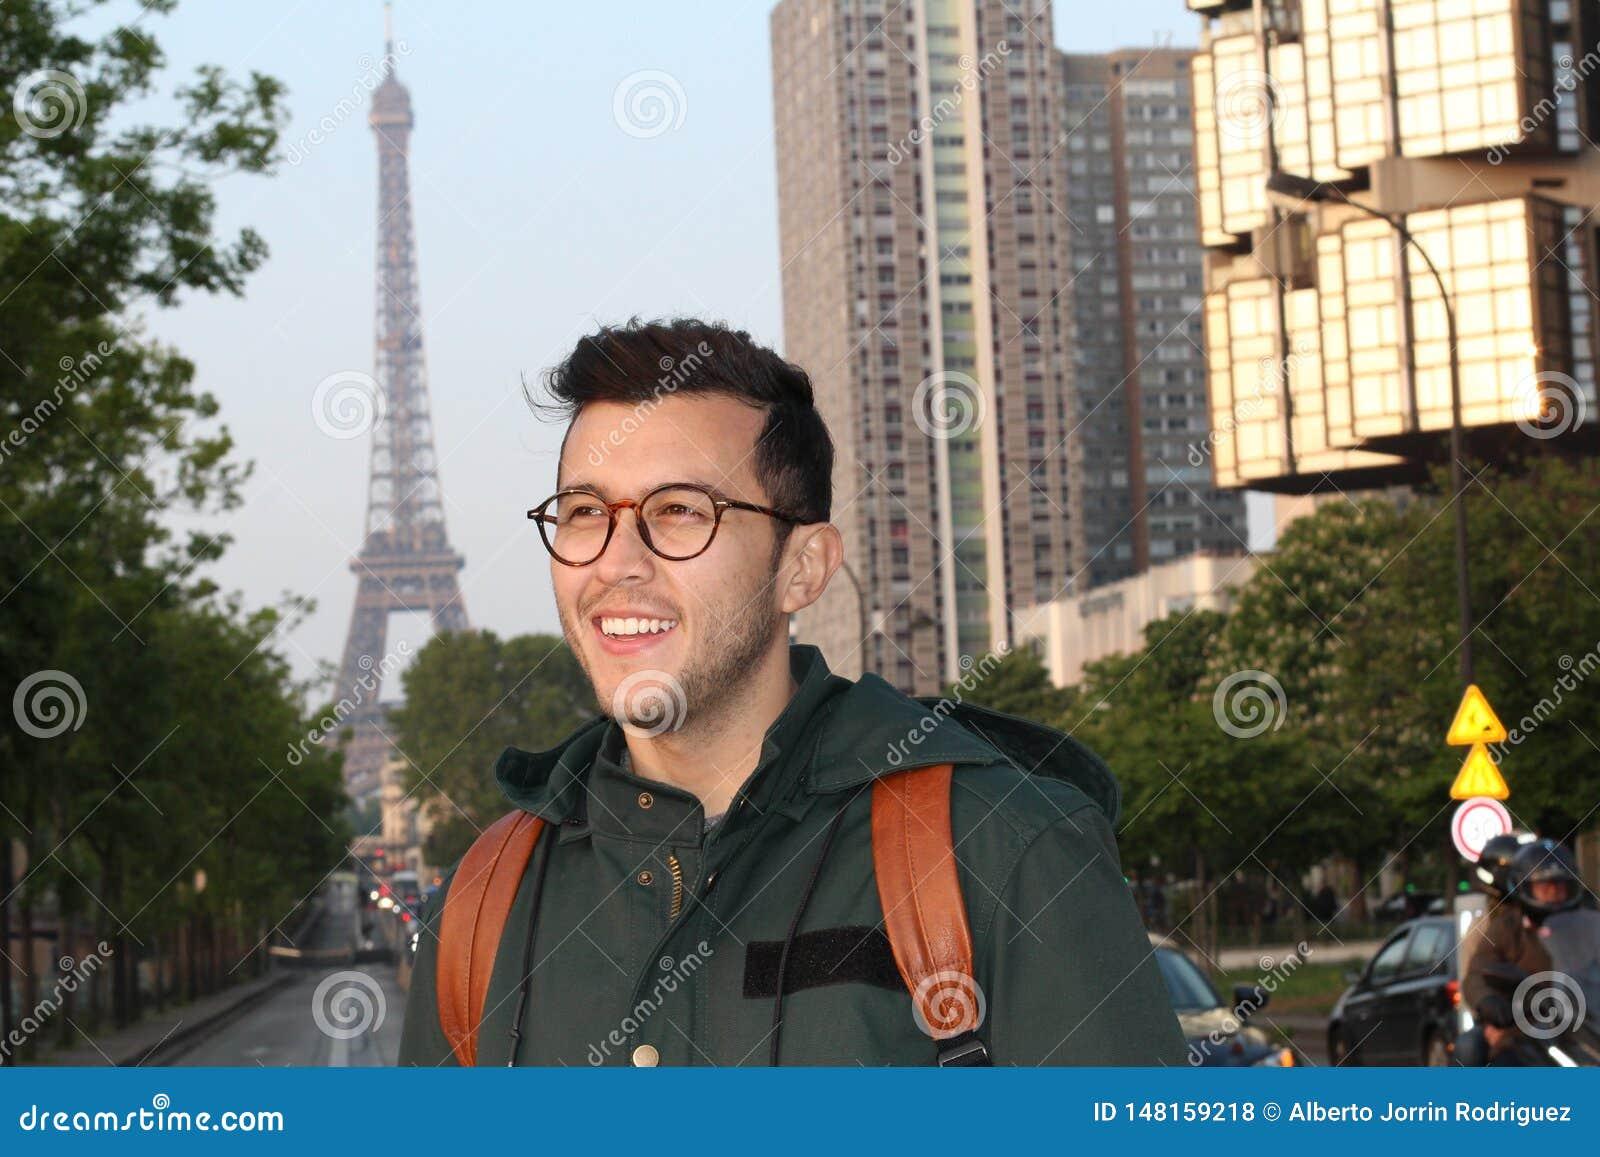 Χαριτωμένος εθνικός νεαρός άνδρας στο Παρίσι, Γαλλία